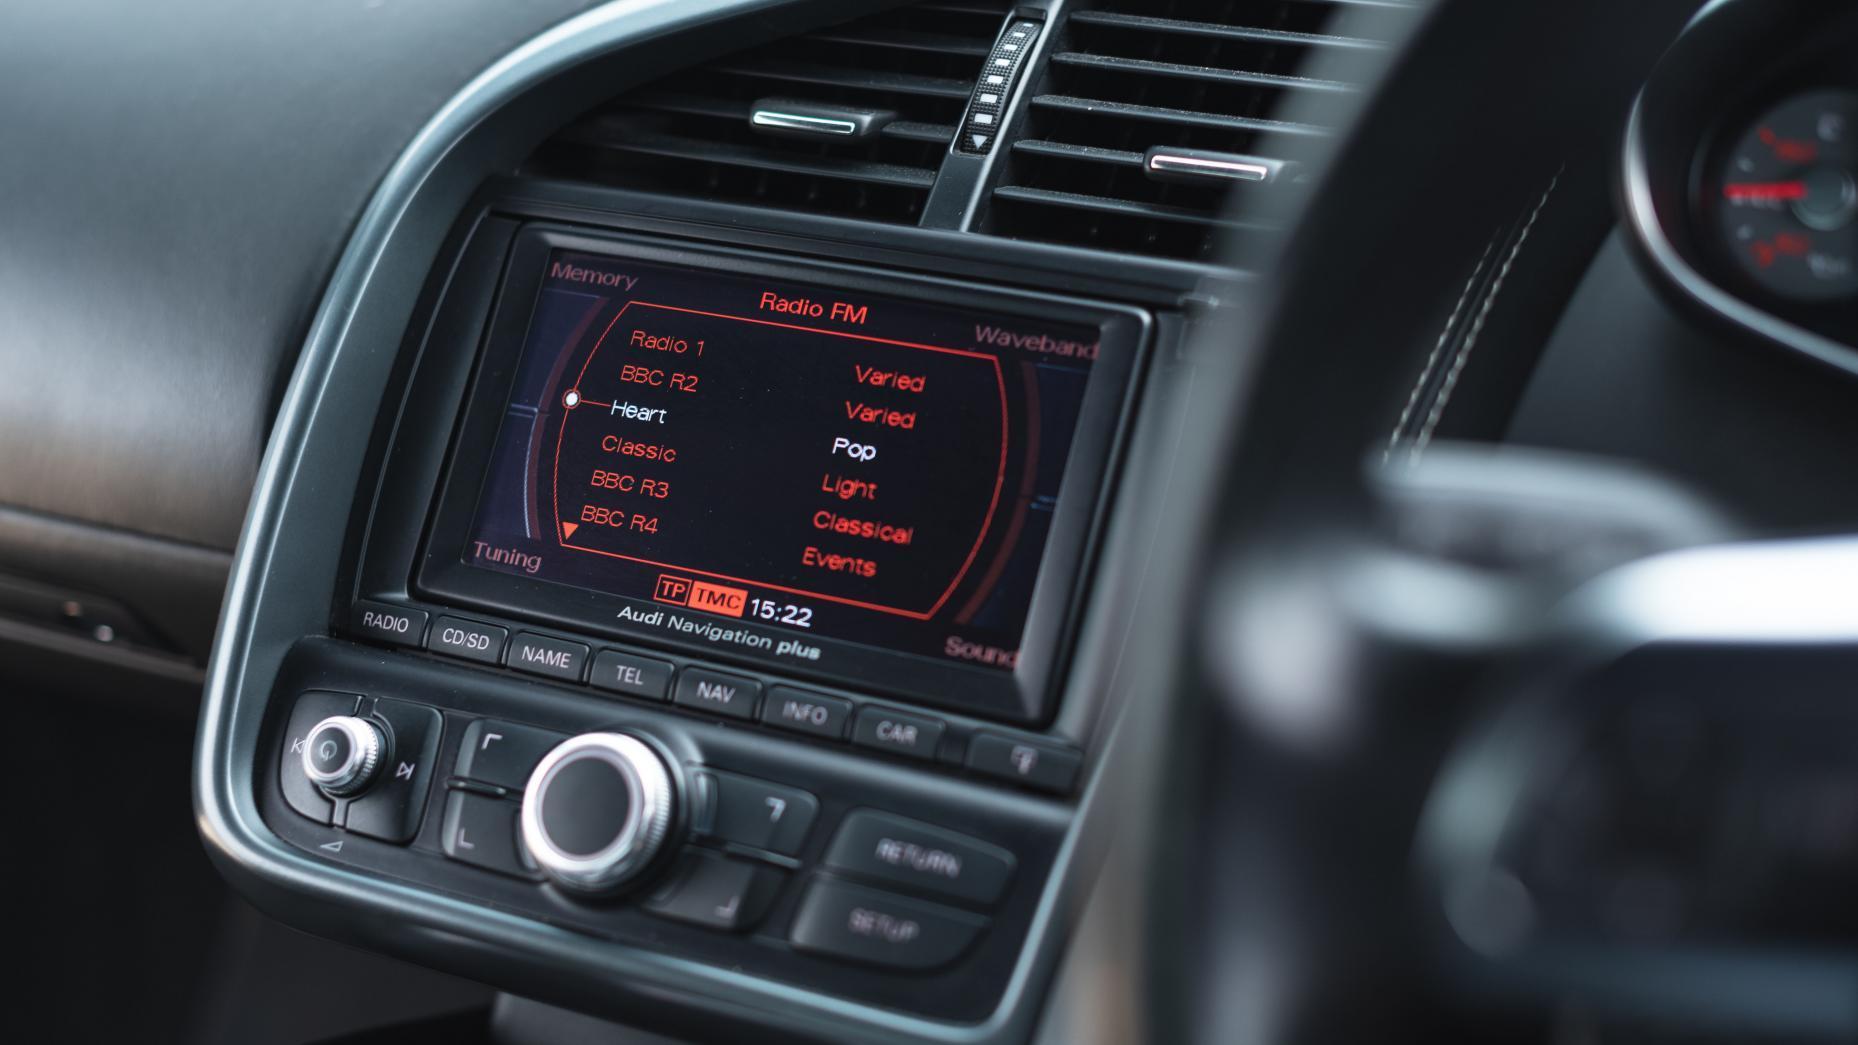 Audi R8 V8 vs V10 radio in V8